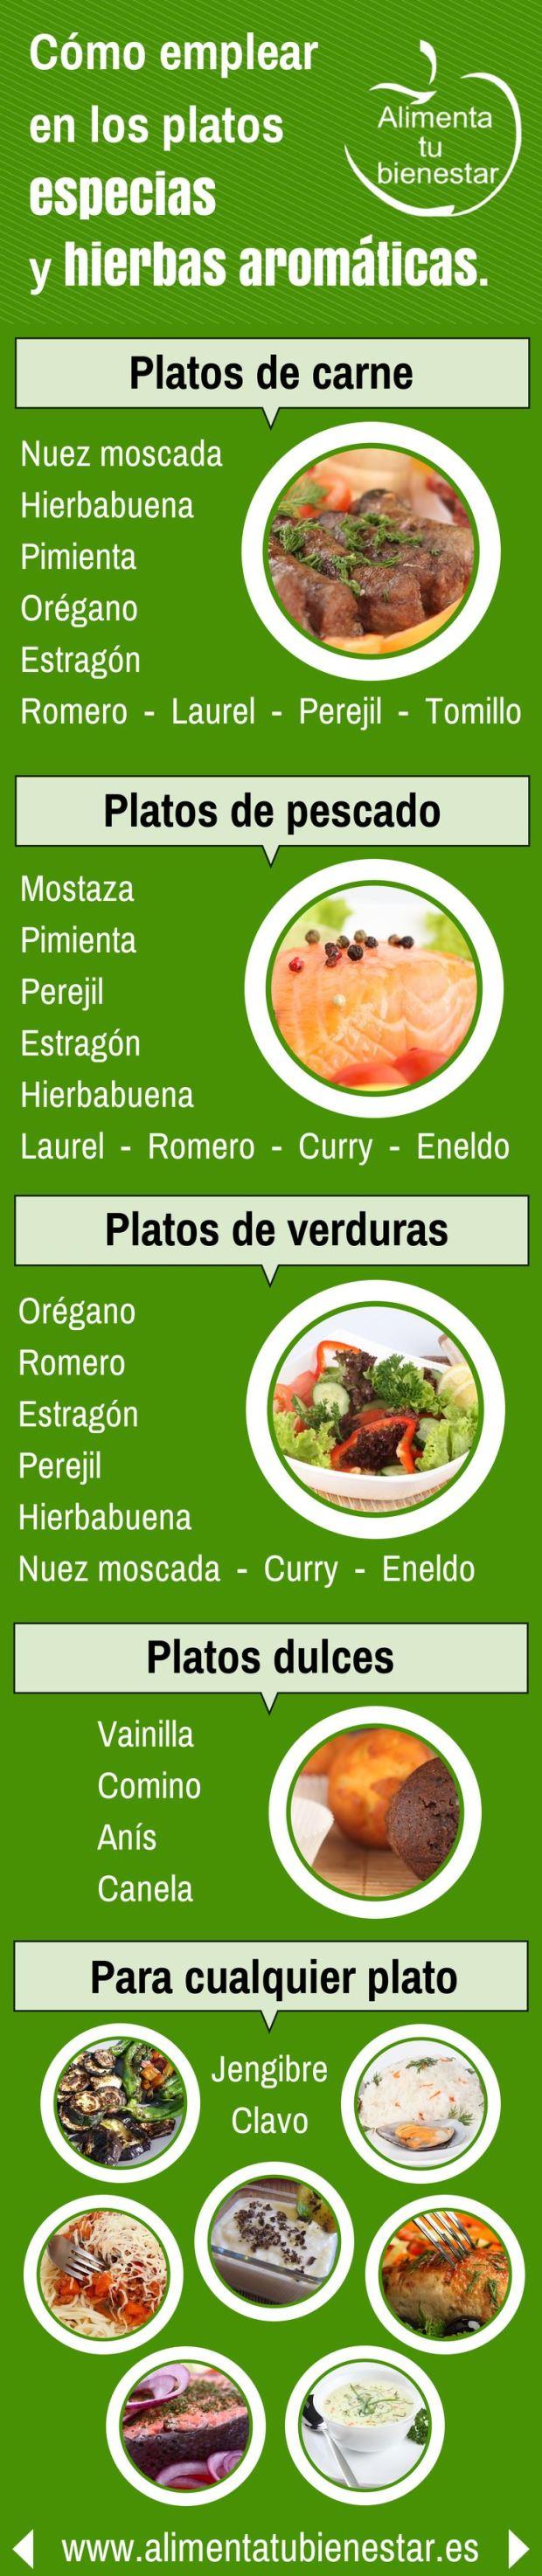 Hierbas arom ticas y especias alternativa al consumo de sal for Cultivo de plantas aromaticas y especias